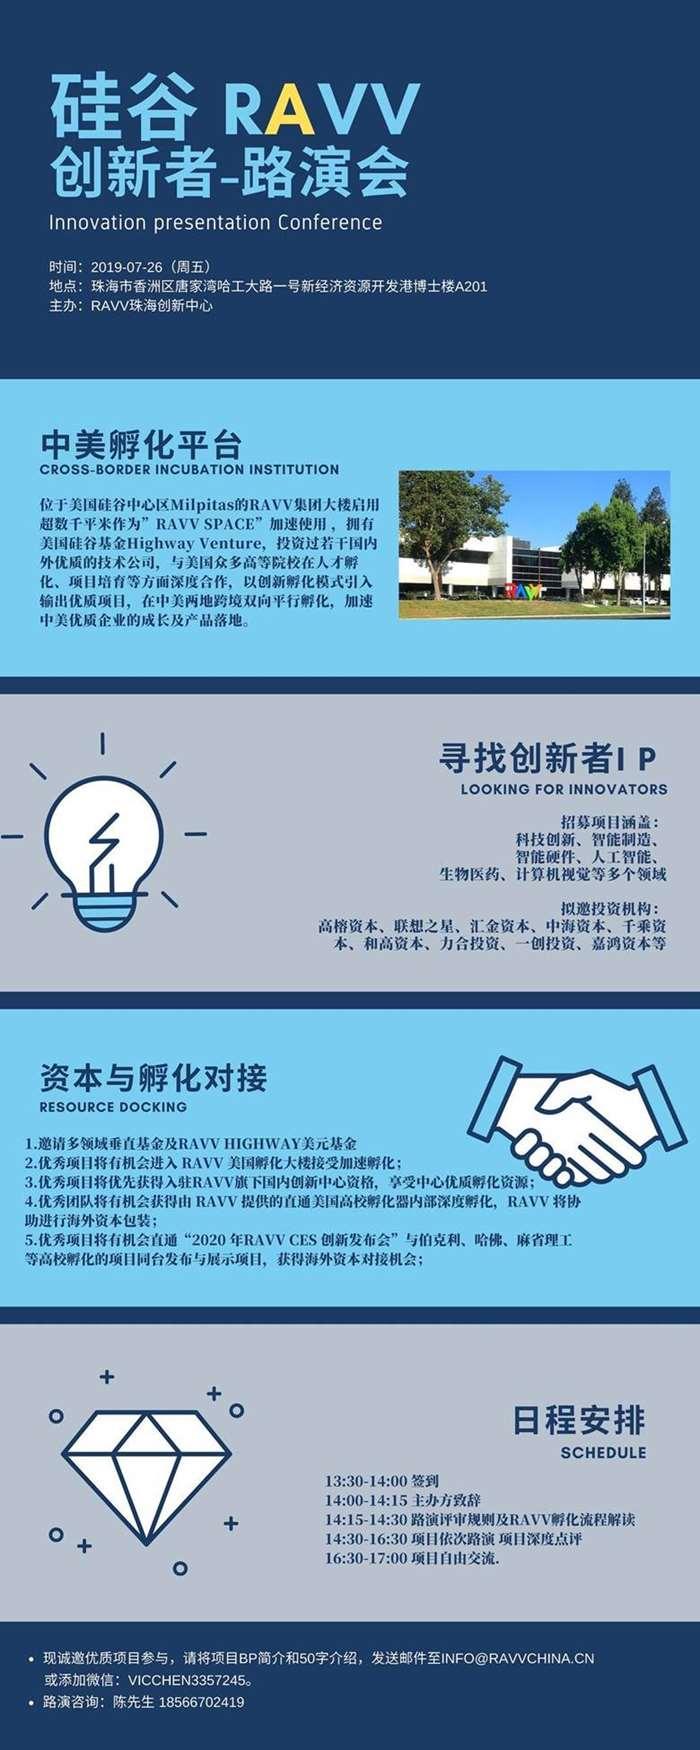 硅谷RAVV 创新者-路演会(1).png